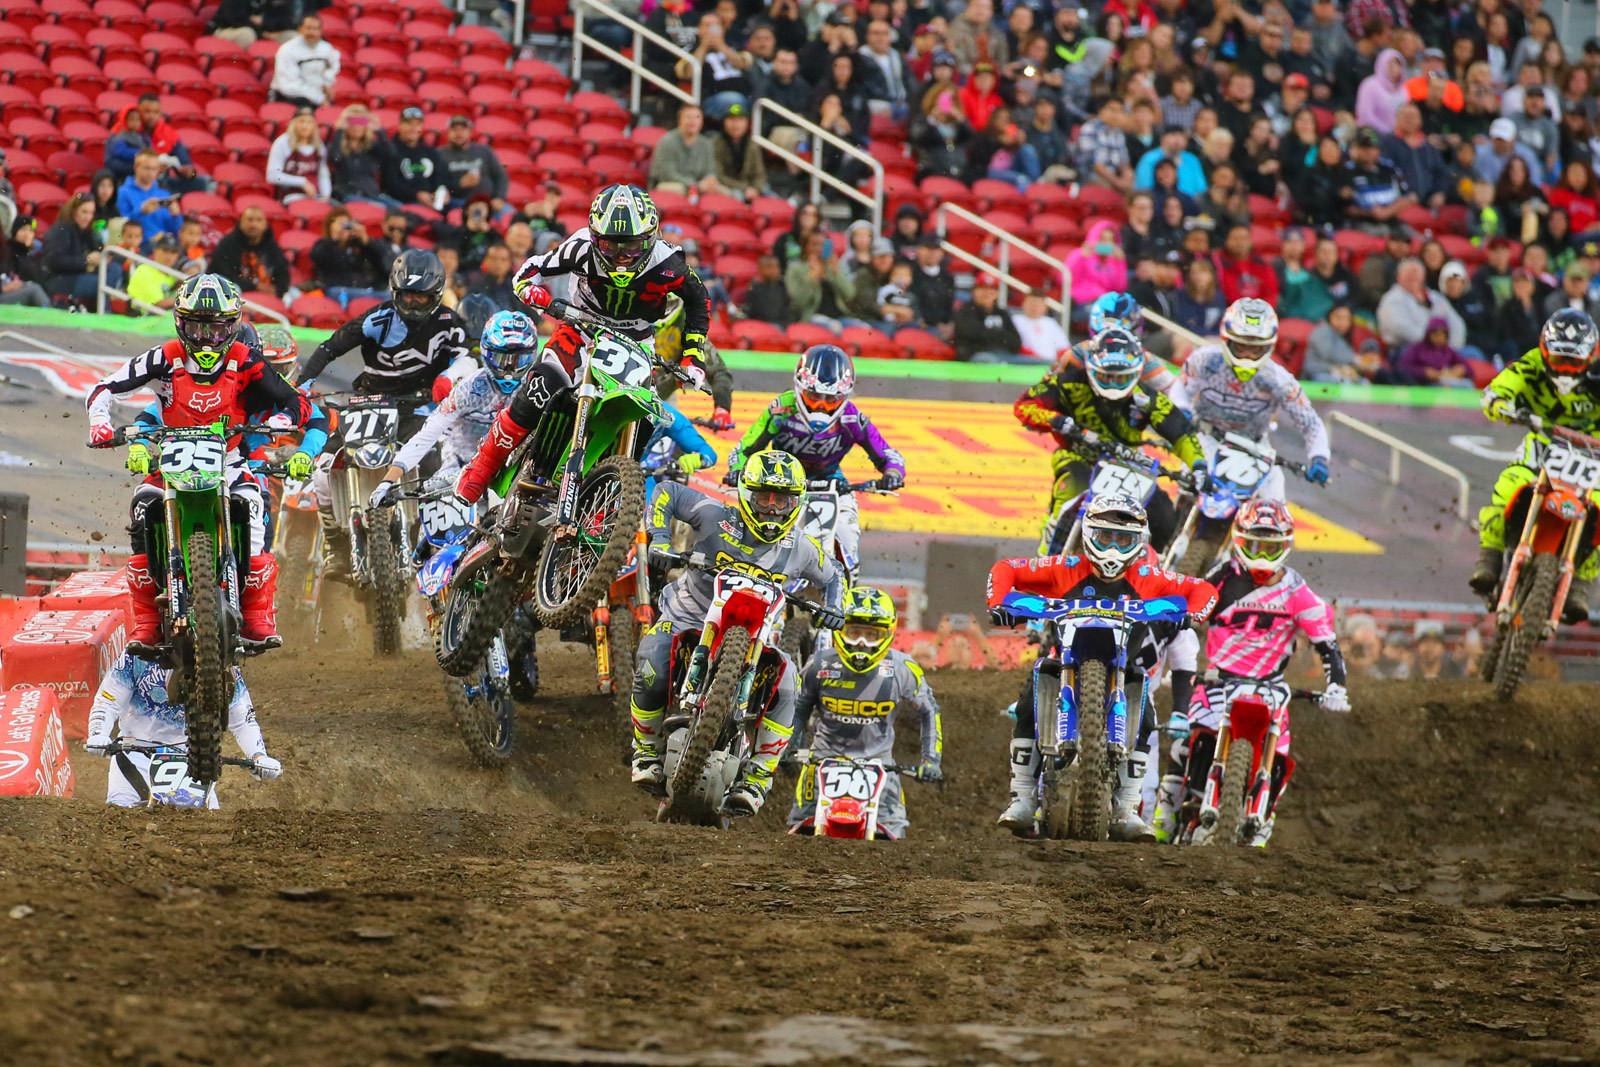 250 Heat Race One Start - Photo Blast: Santa Clara - Motocross Pictures - Vital MX